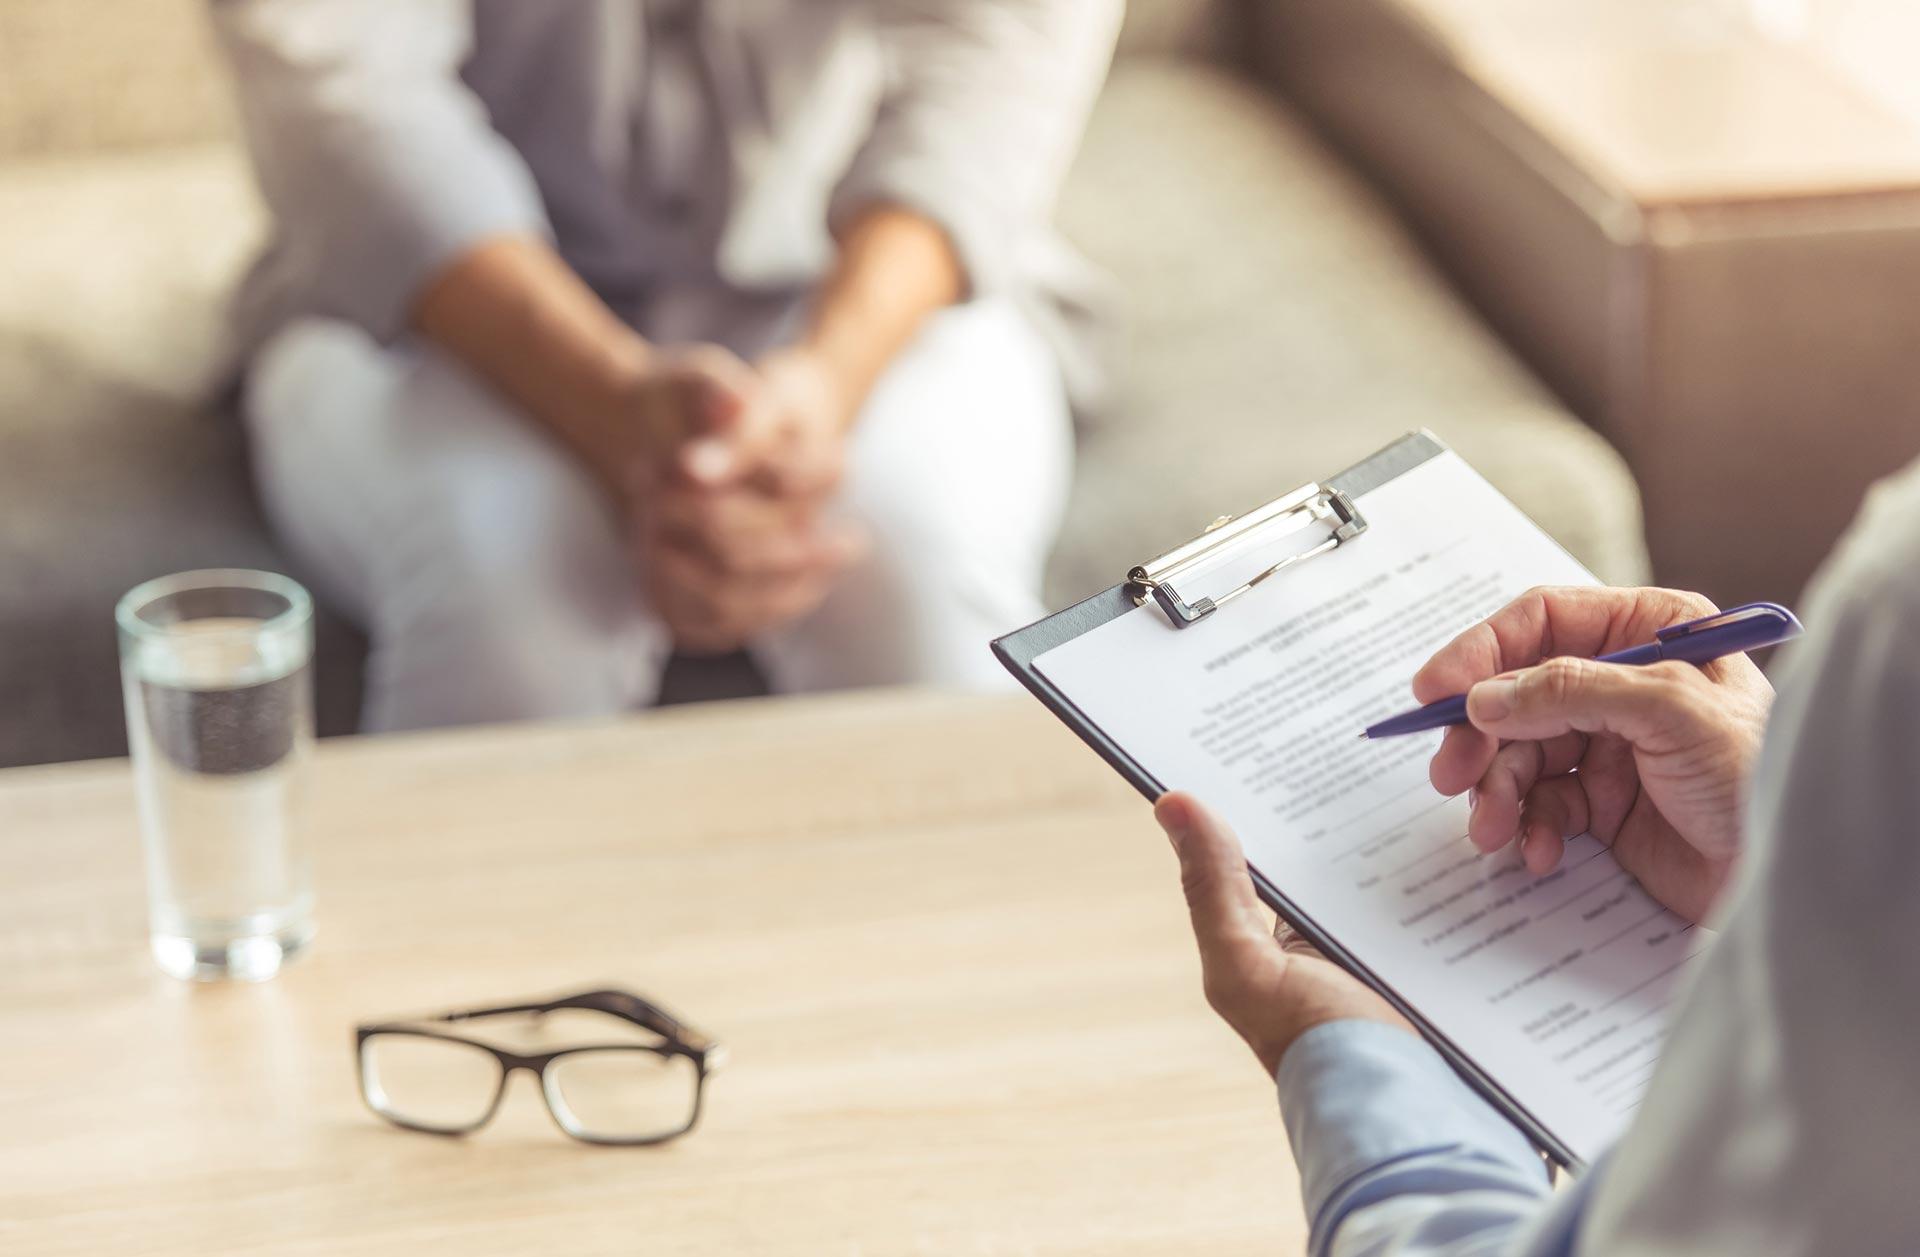 izmir uzman psikolog psikoterapi ücret